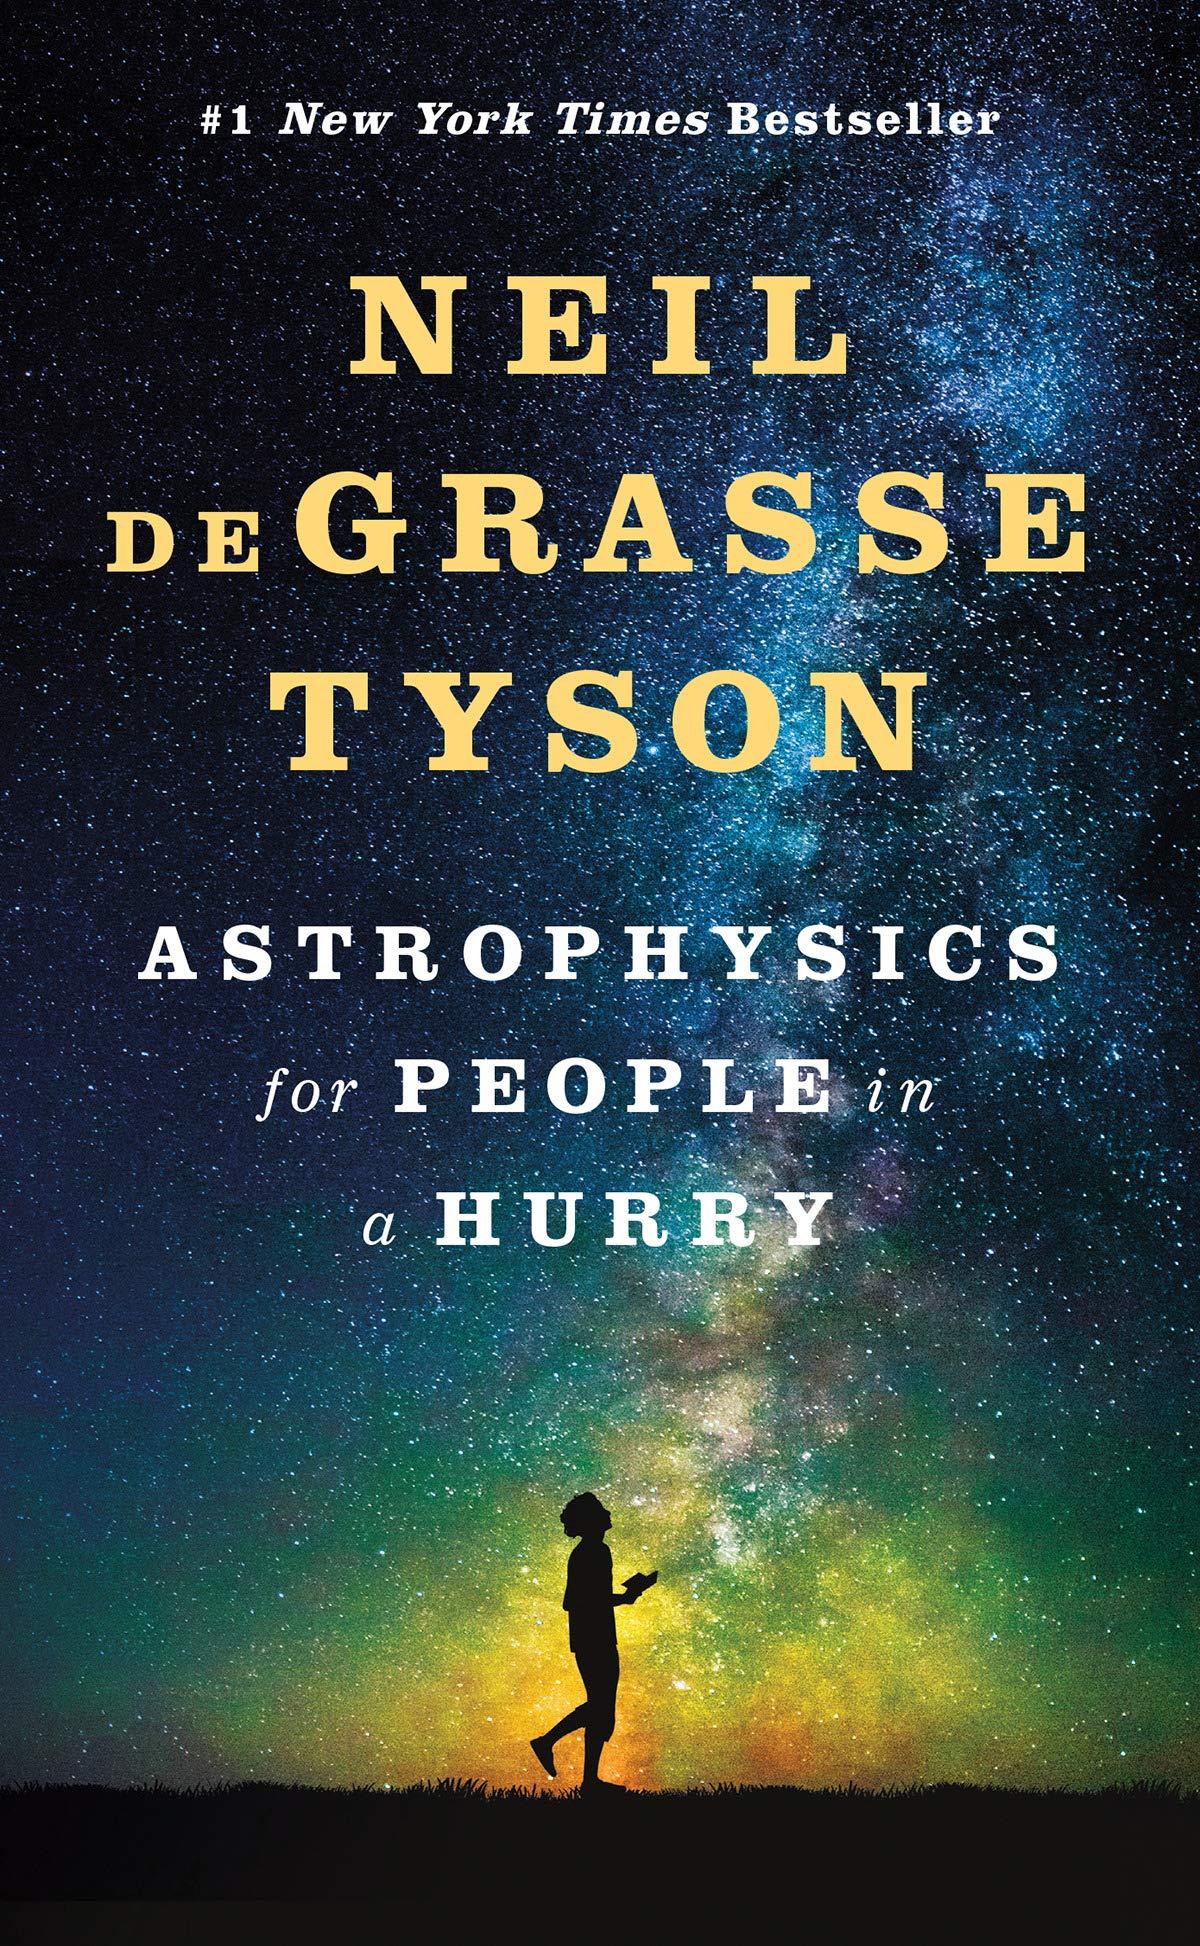 'Astrophysics